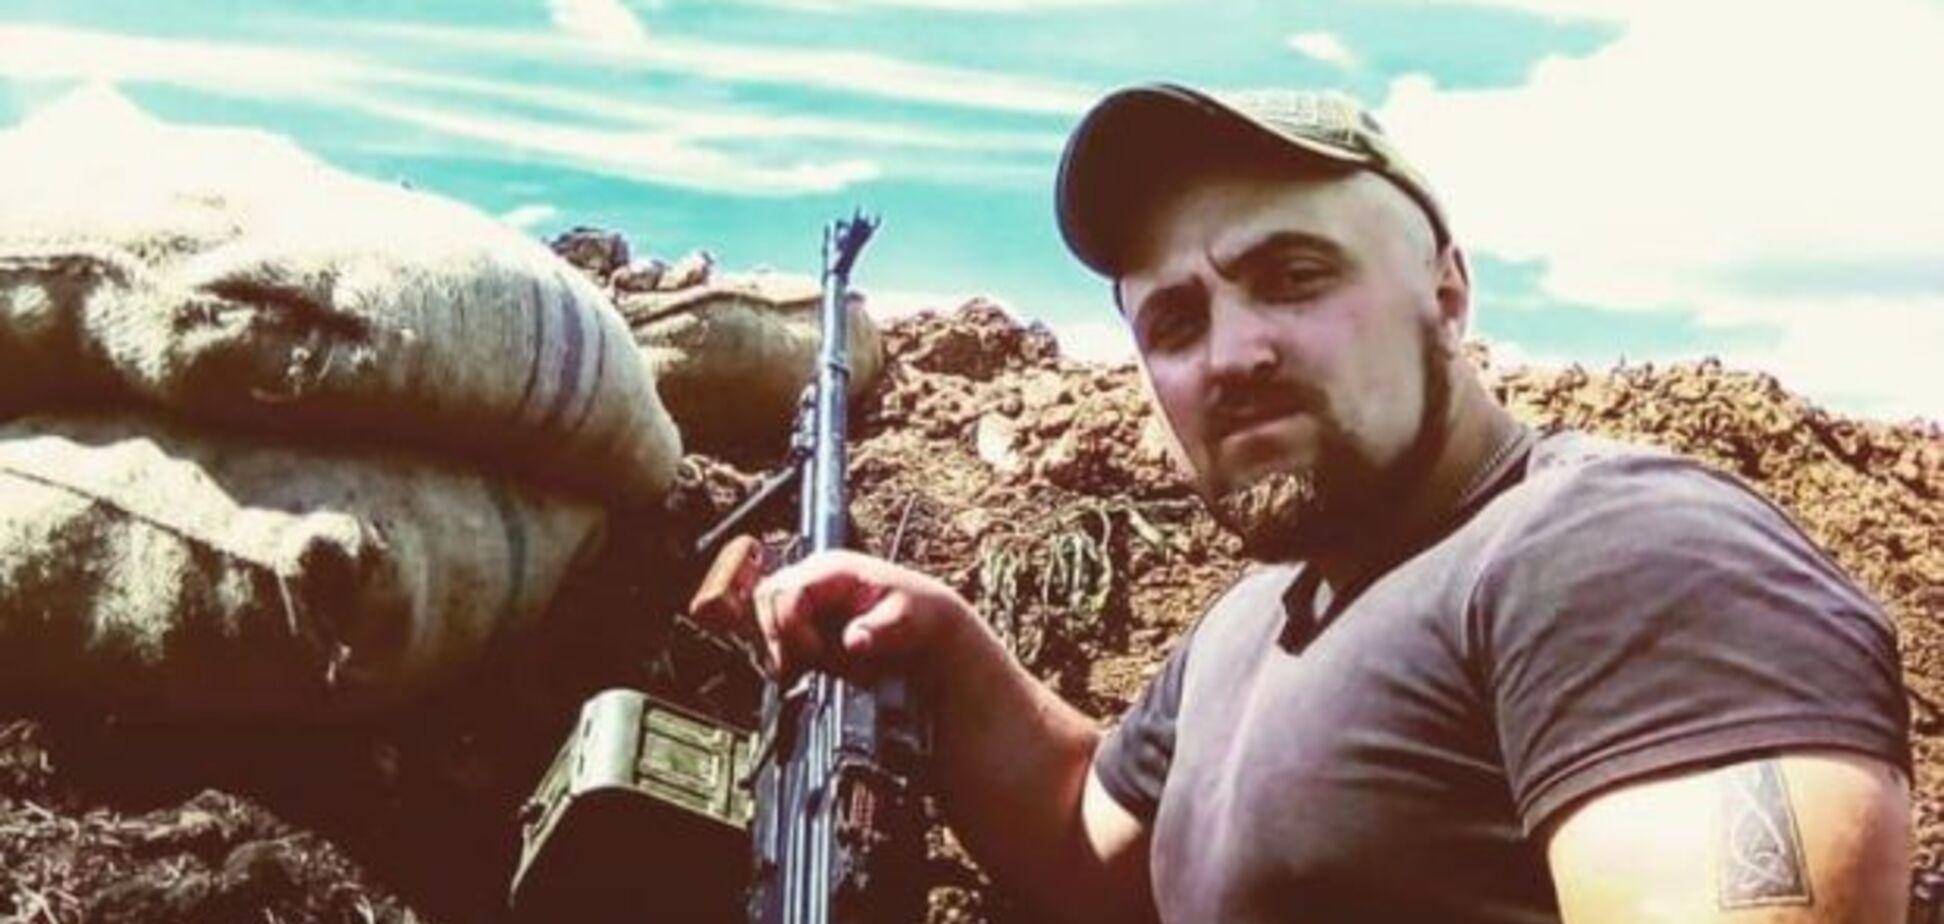 Месть 'ДНР'? Всплыла новая информация об убийстве командира 'Айдар' на Донбассе